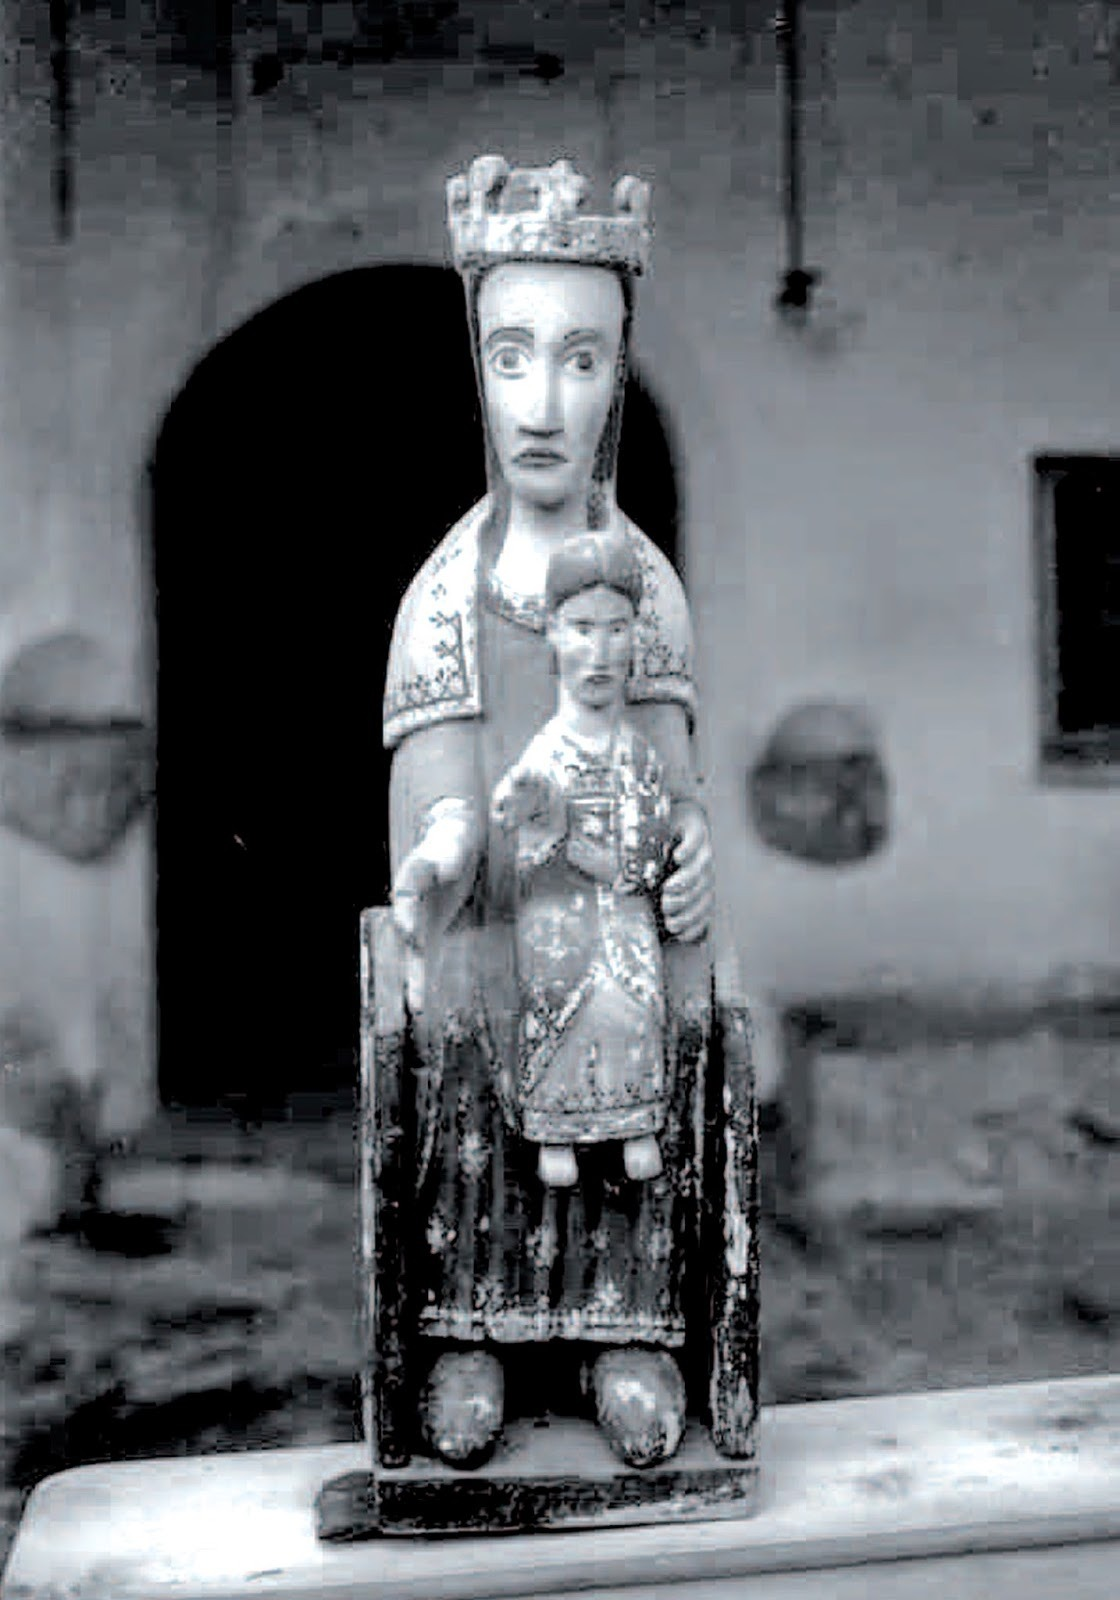 Erik el Belga, traspassat recentment, i la talla de Meritxell 'desapareguda' el 1972, en una fotografia anterior als anys 30.